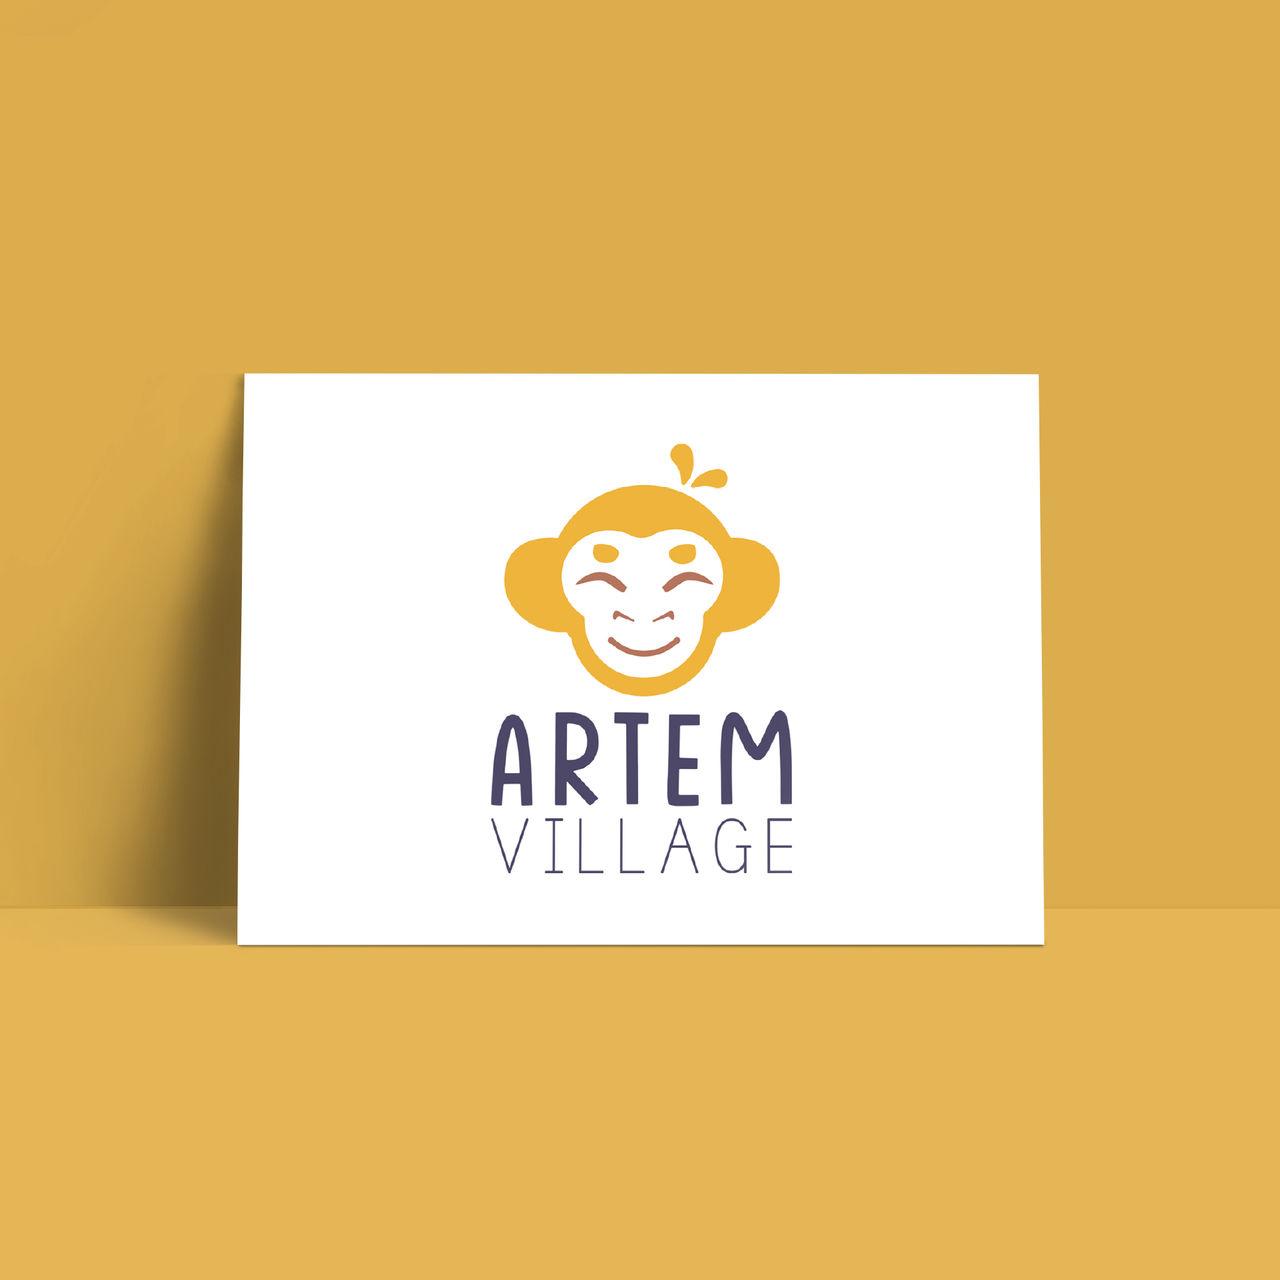 Artem Village proposition logo